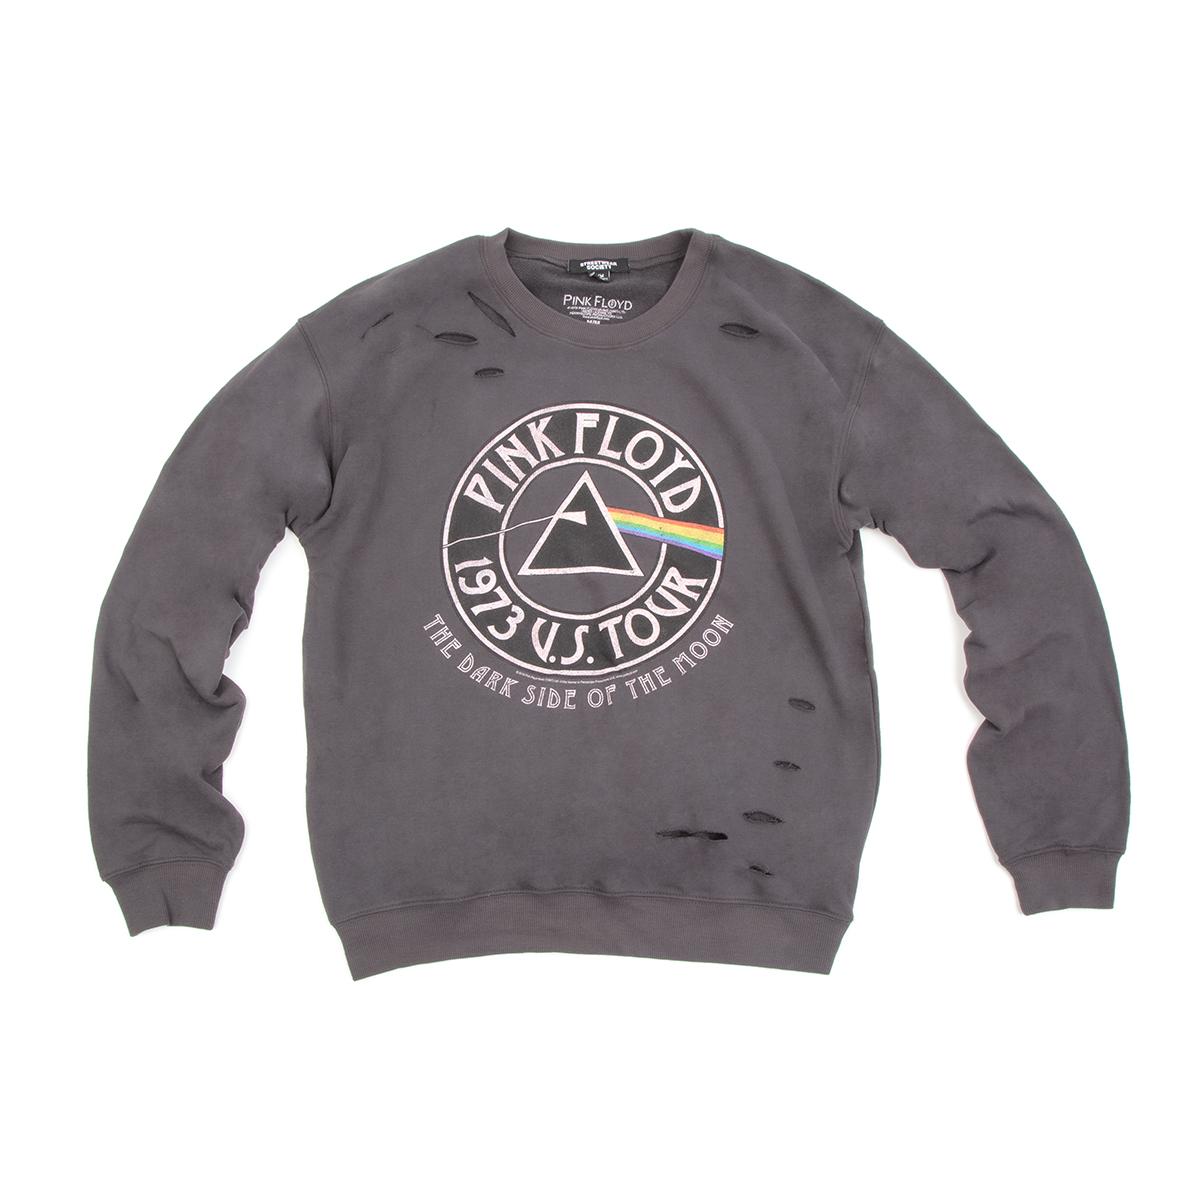 Distressed Dark Side 1973 Tour Sweatshirt